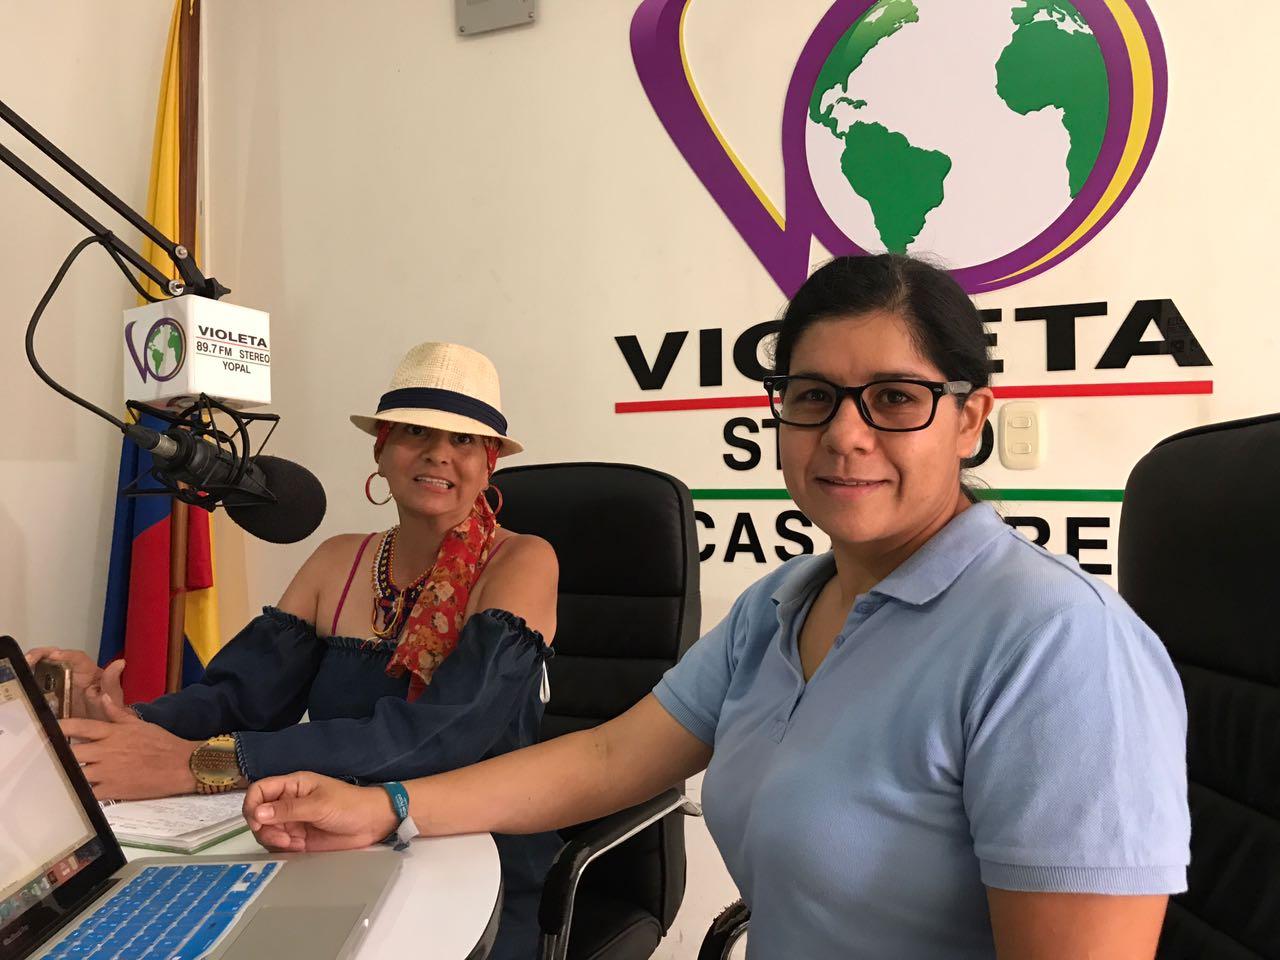 La Visita – Martina Aldana, 15 De Octubre Del 2017